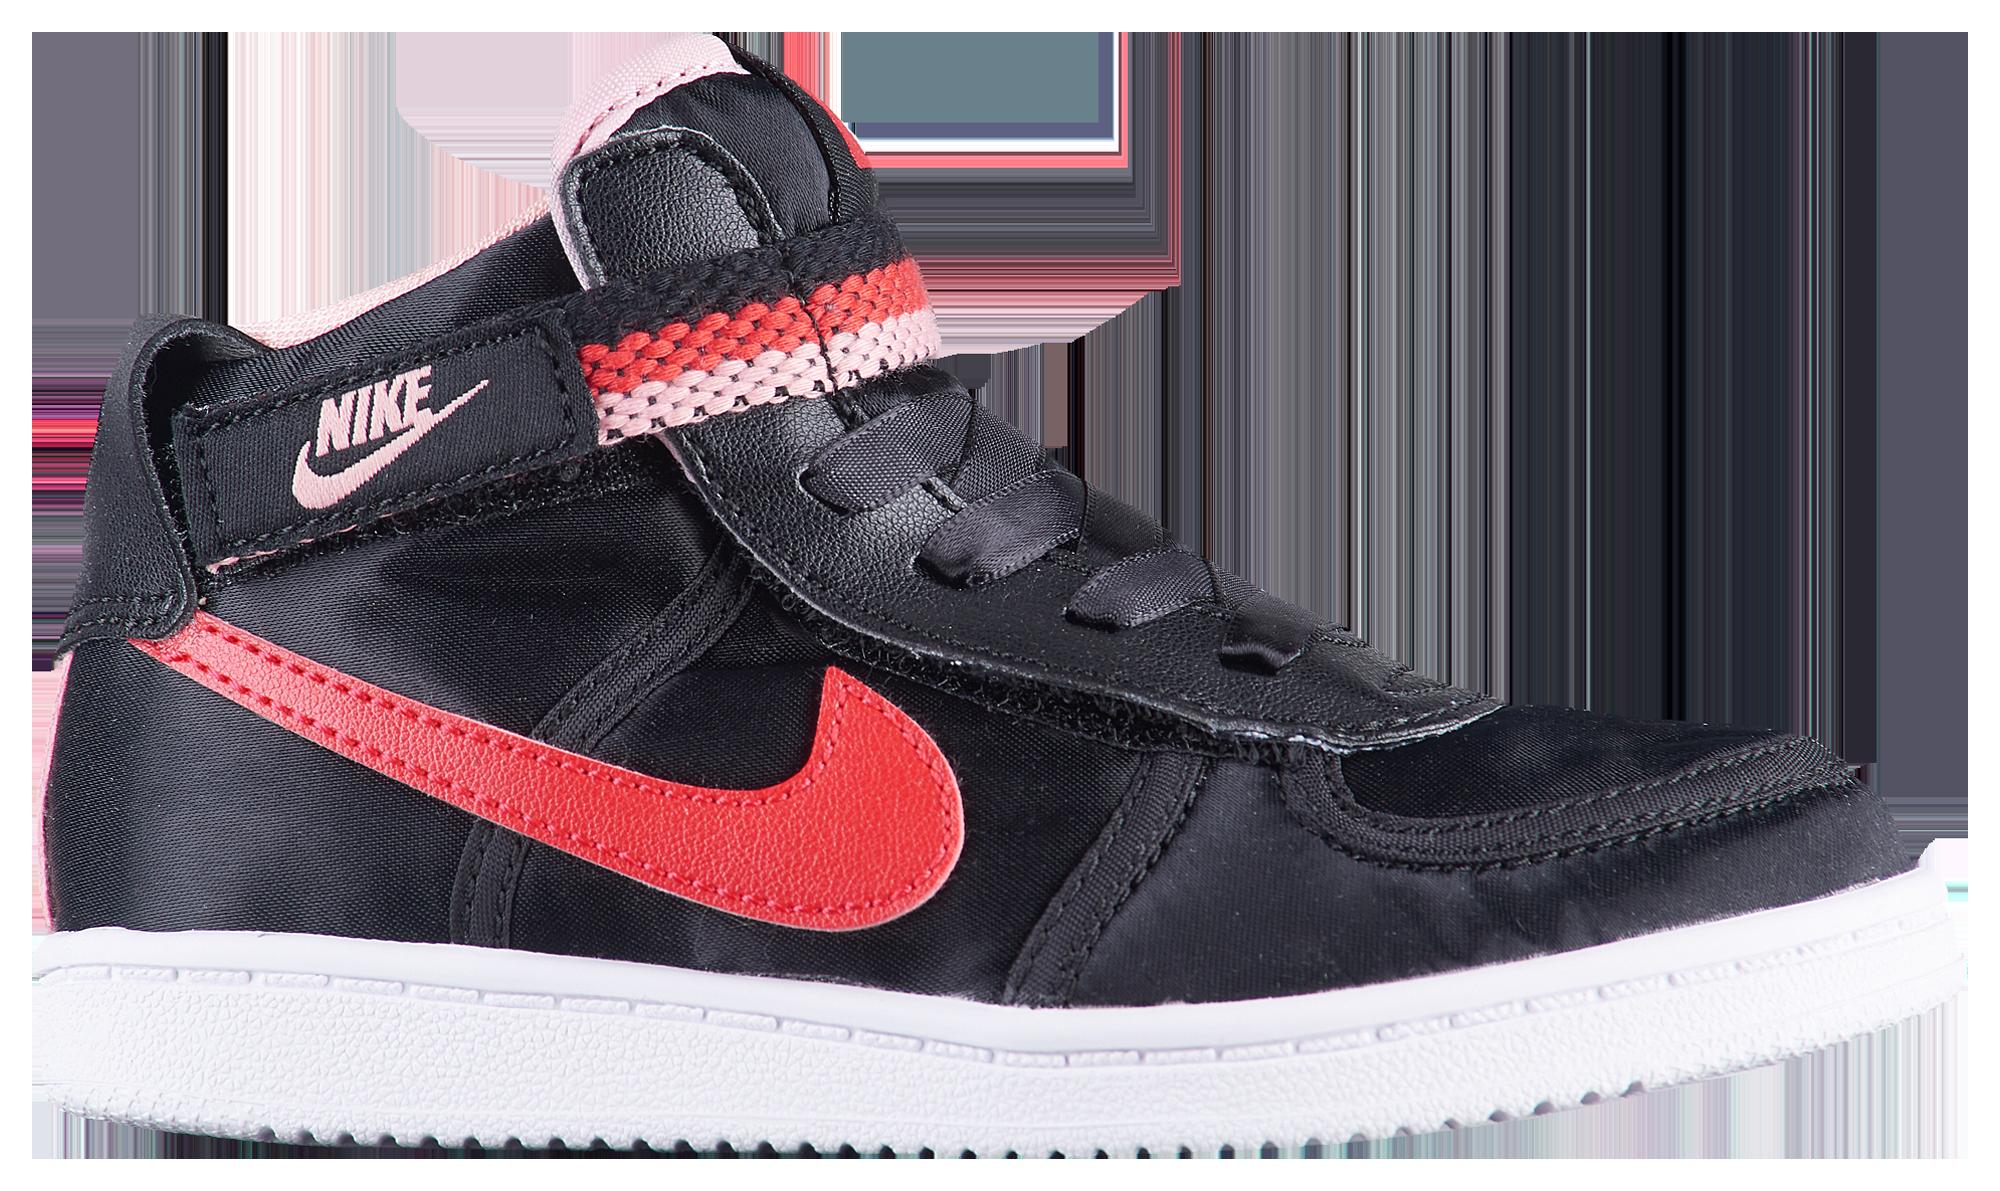 f31737b4193 Nike Vandal High - Girls  Toddler